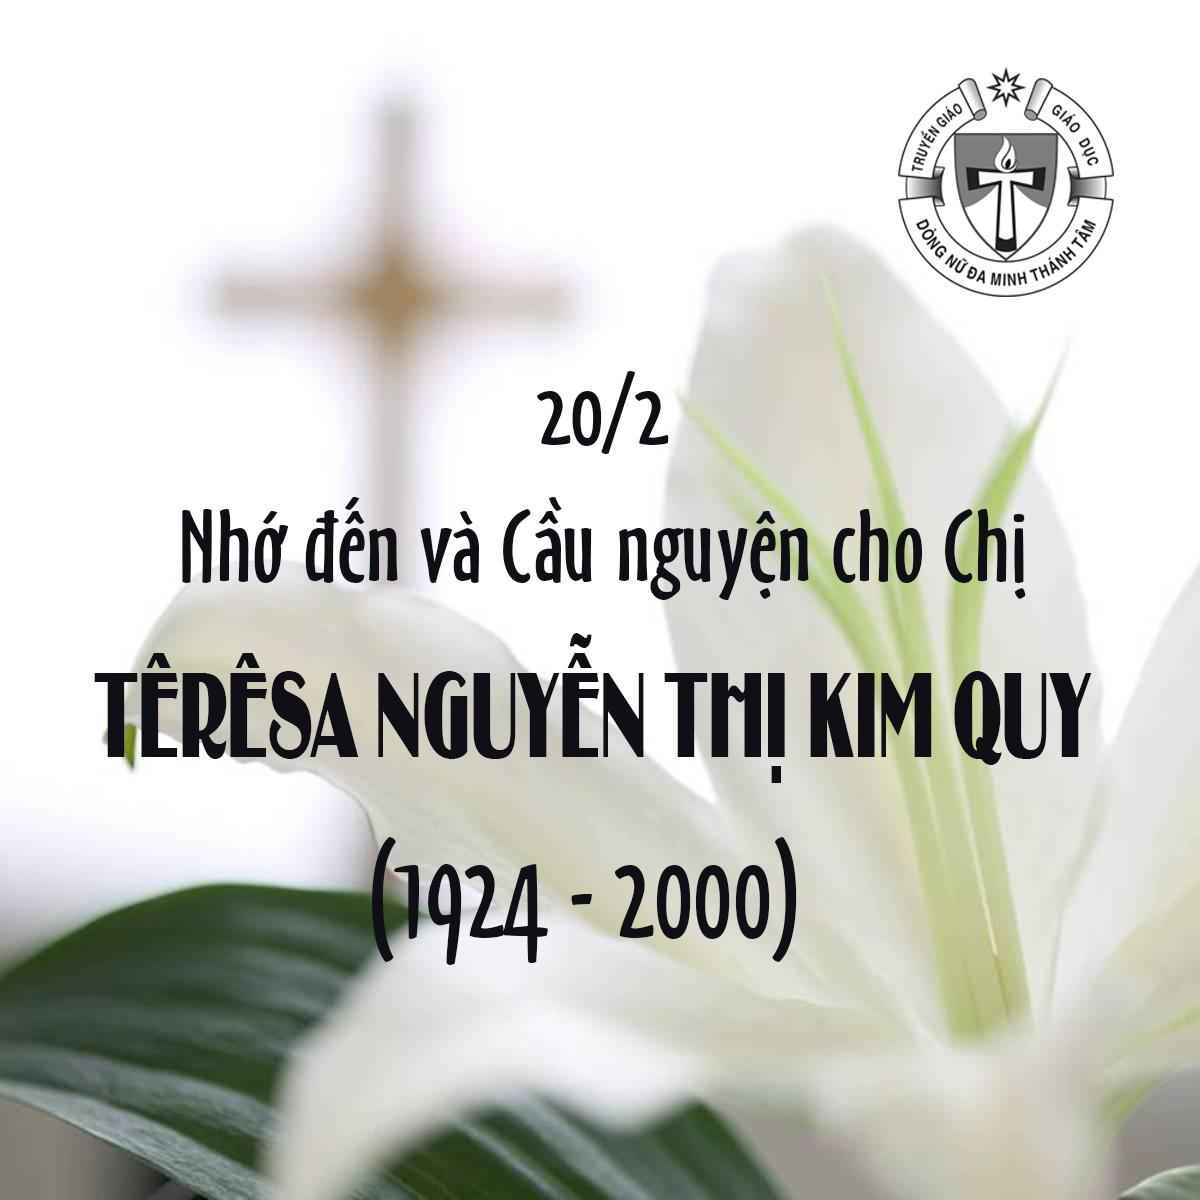 Giố CHỊ TÊRÊSA NGUYỄN THỊ KIM QUY (1924-2000)